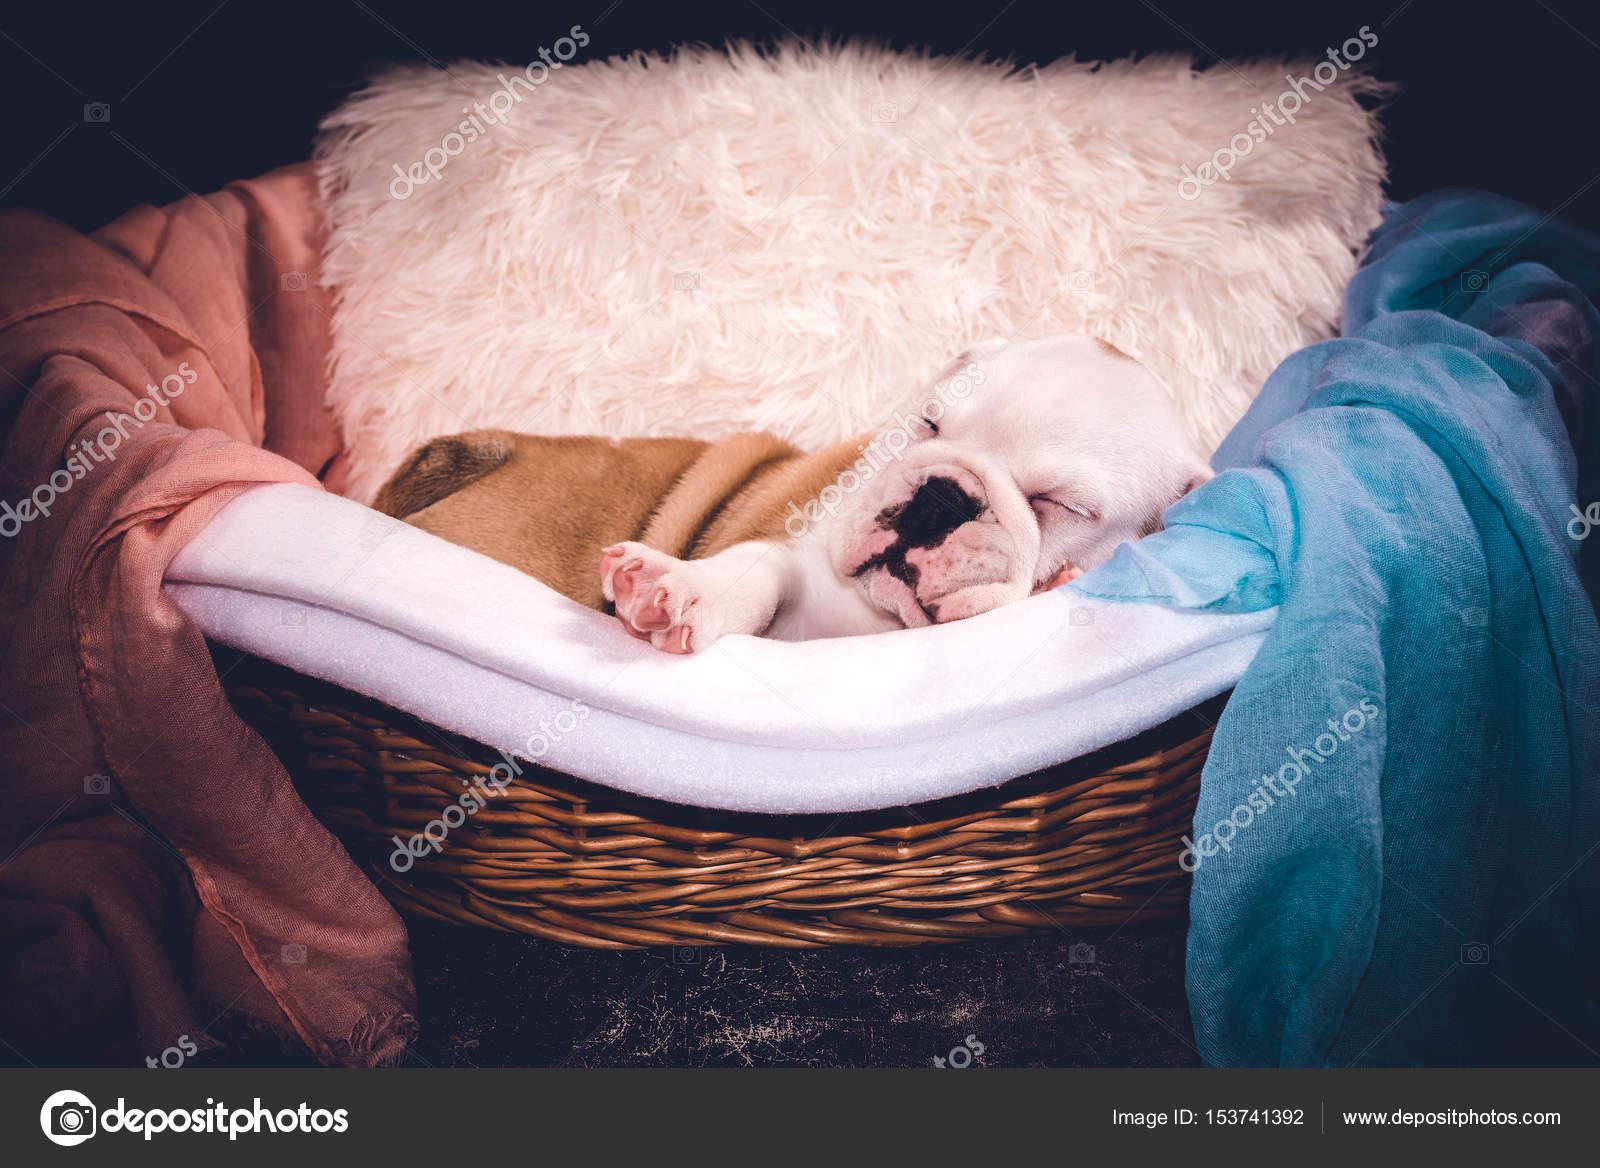 Cute English Bulldog Puppy Sleeping Stock Photo C Uroszunic 153741392